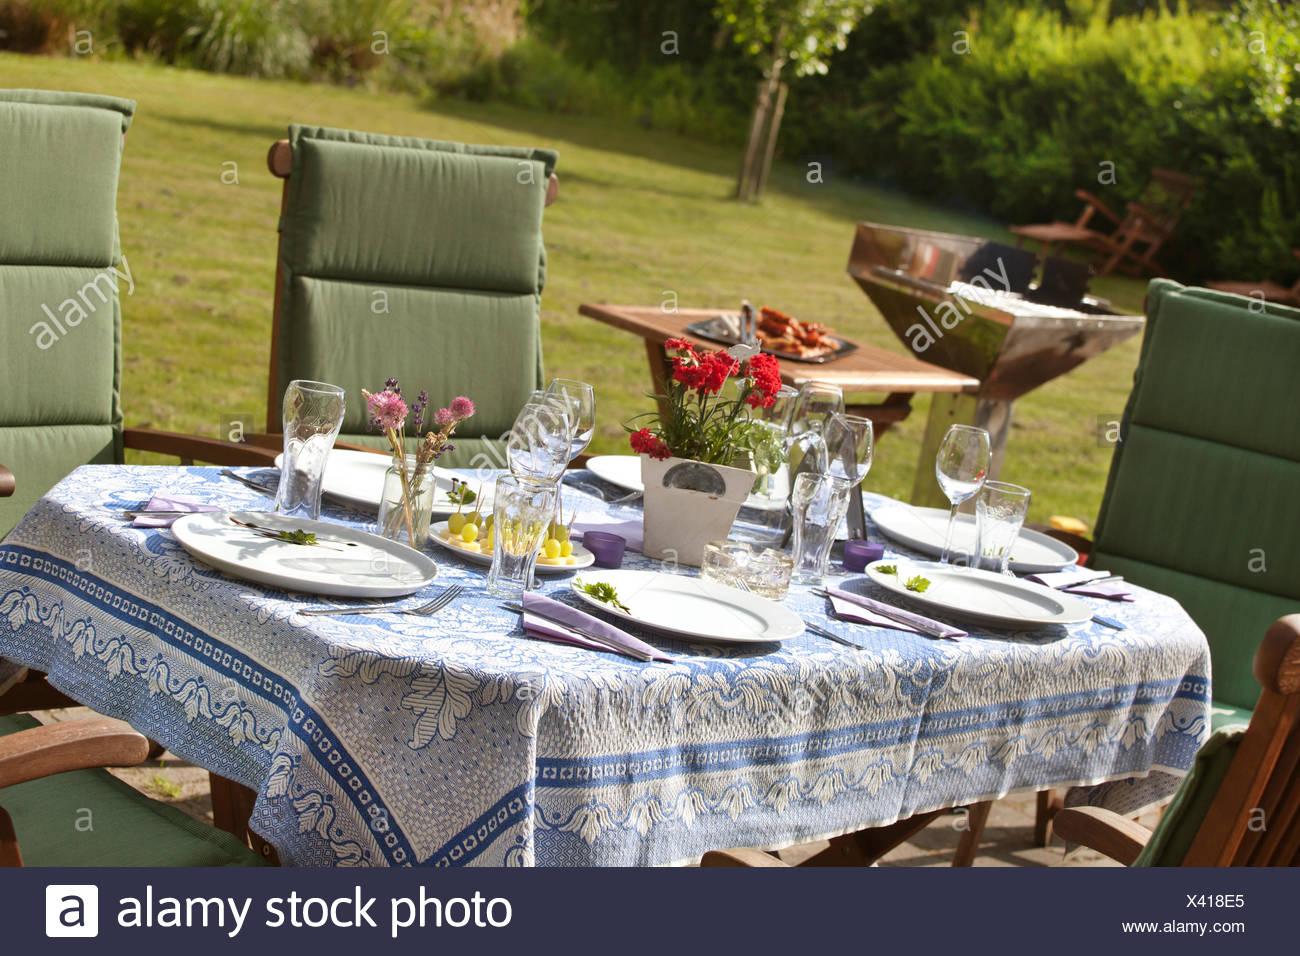 Table Covergarden Picnic Tablegarden Party Stock Photo